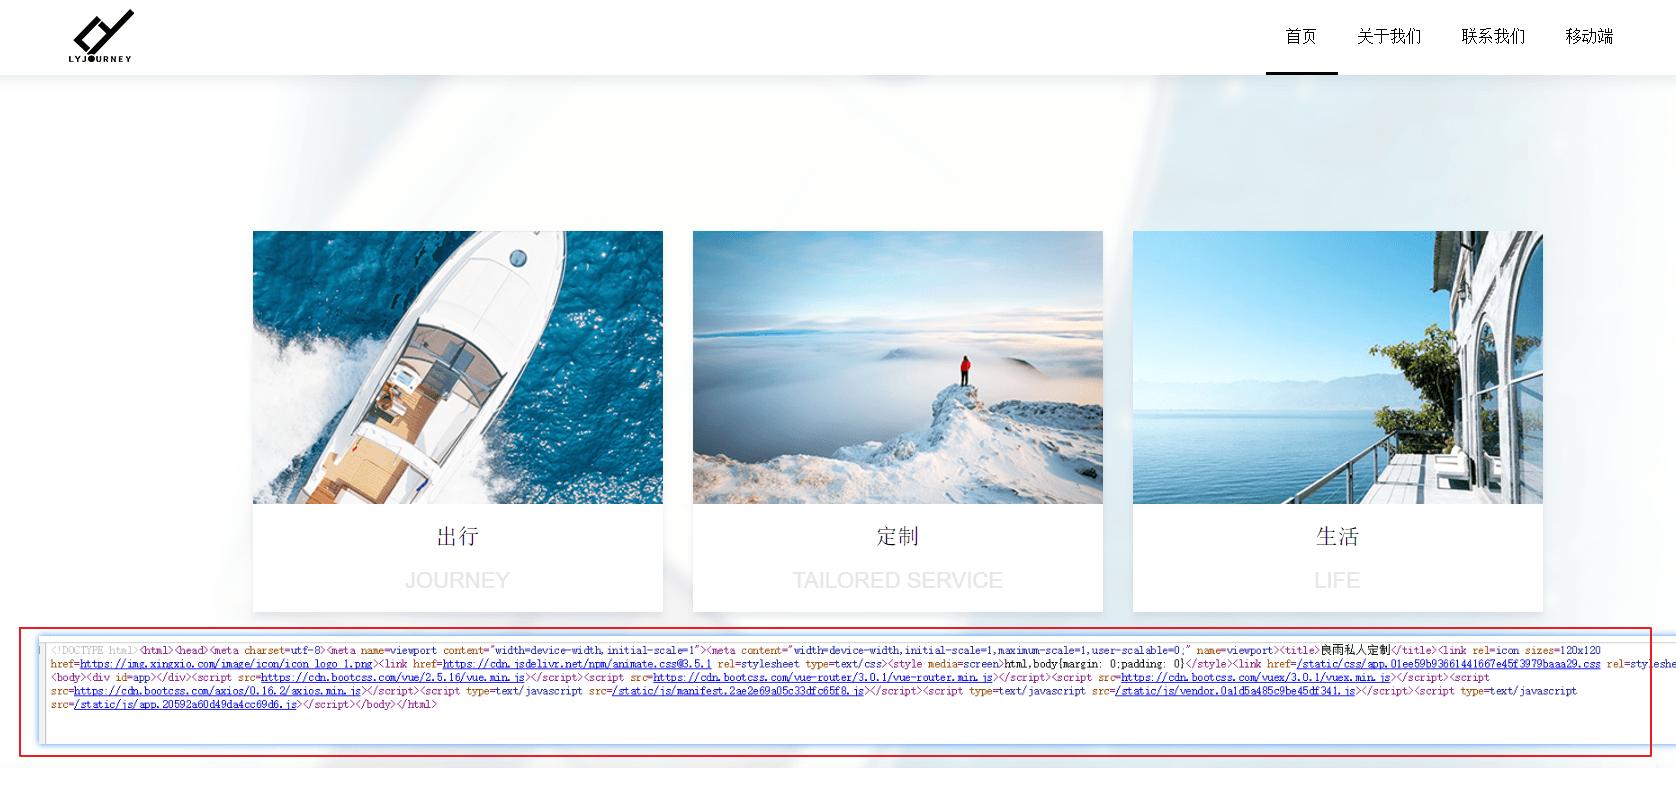 良雨私人旅游定制营销现状分析插图(8)